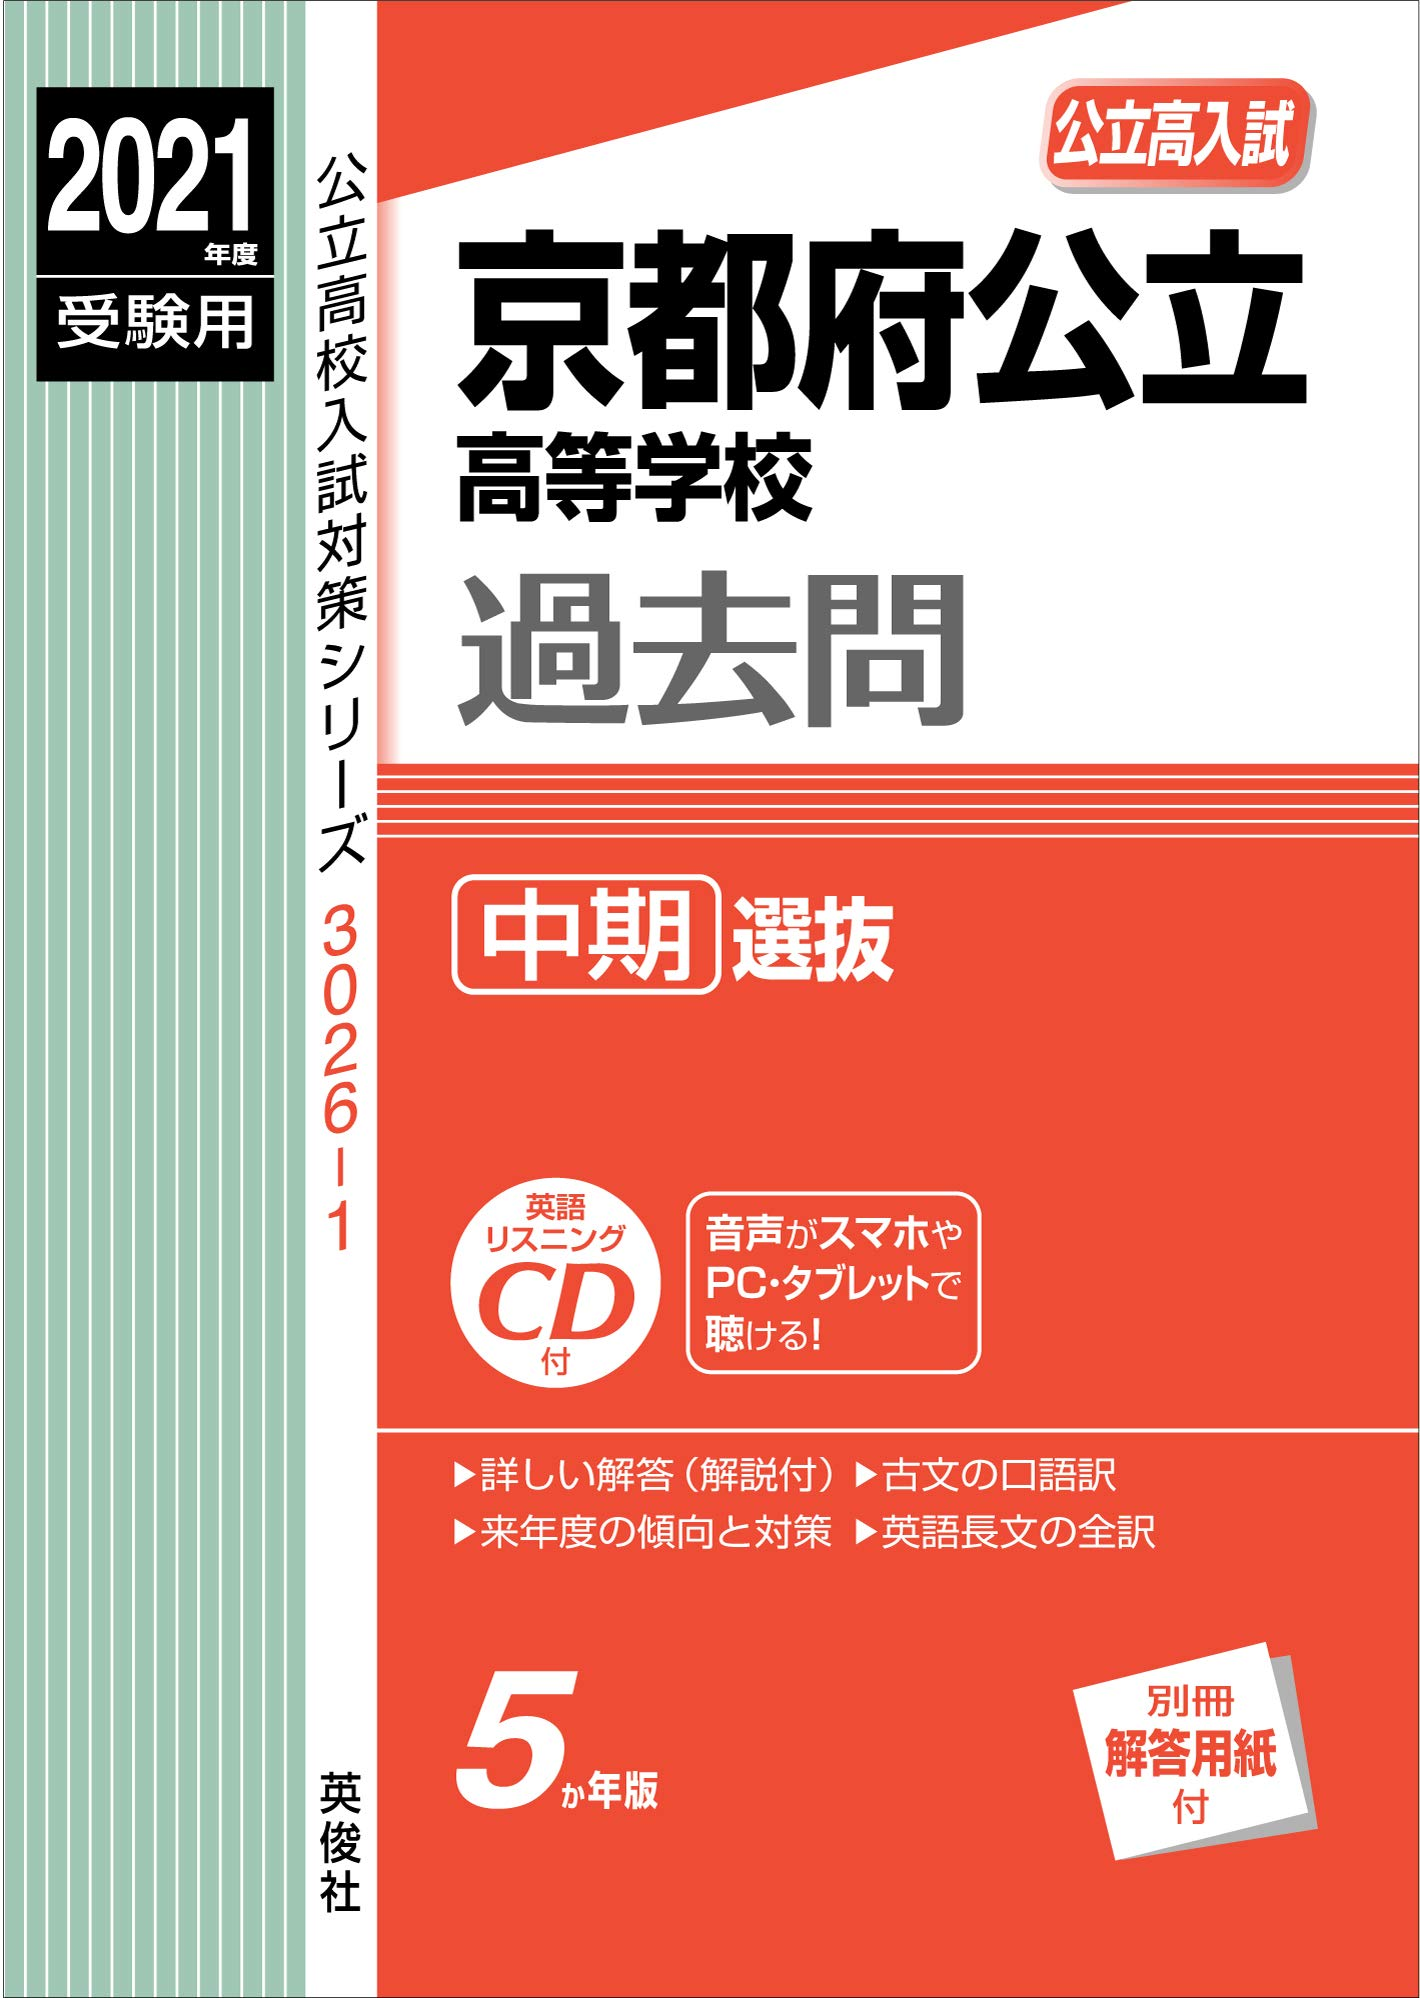 公立 入試 京都 高校